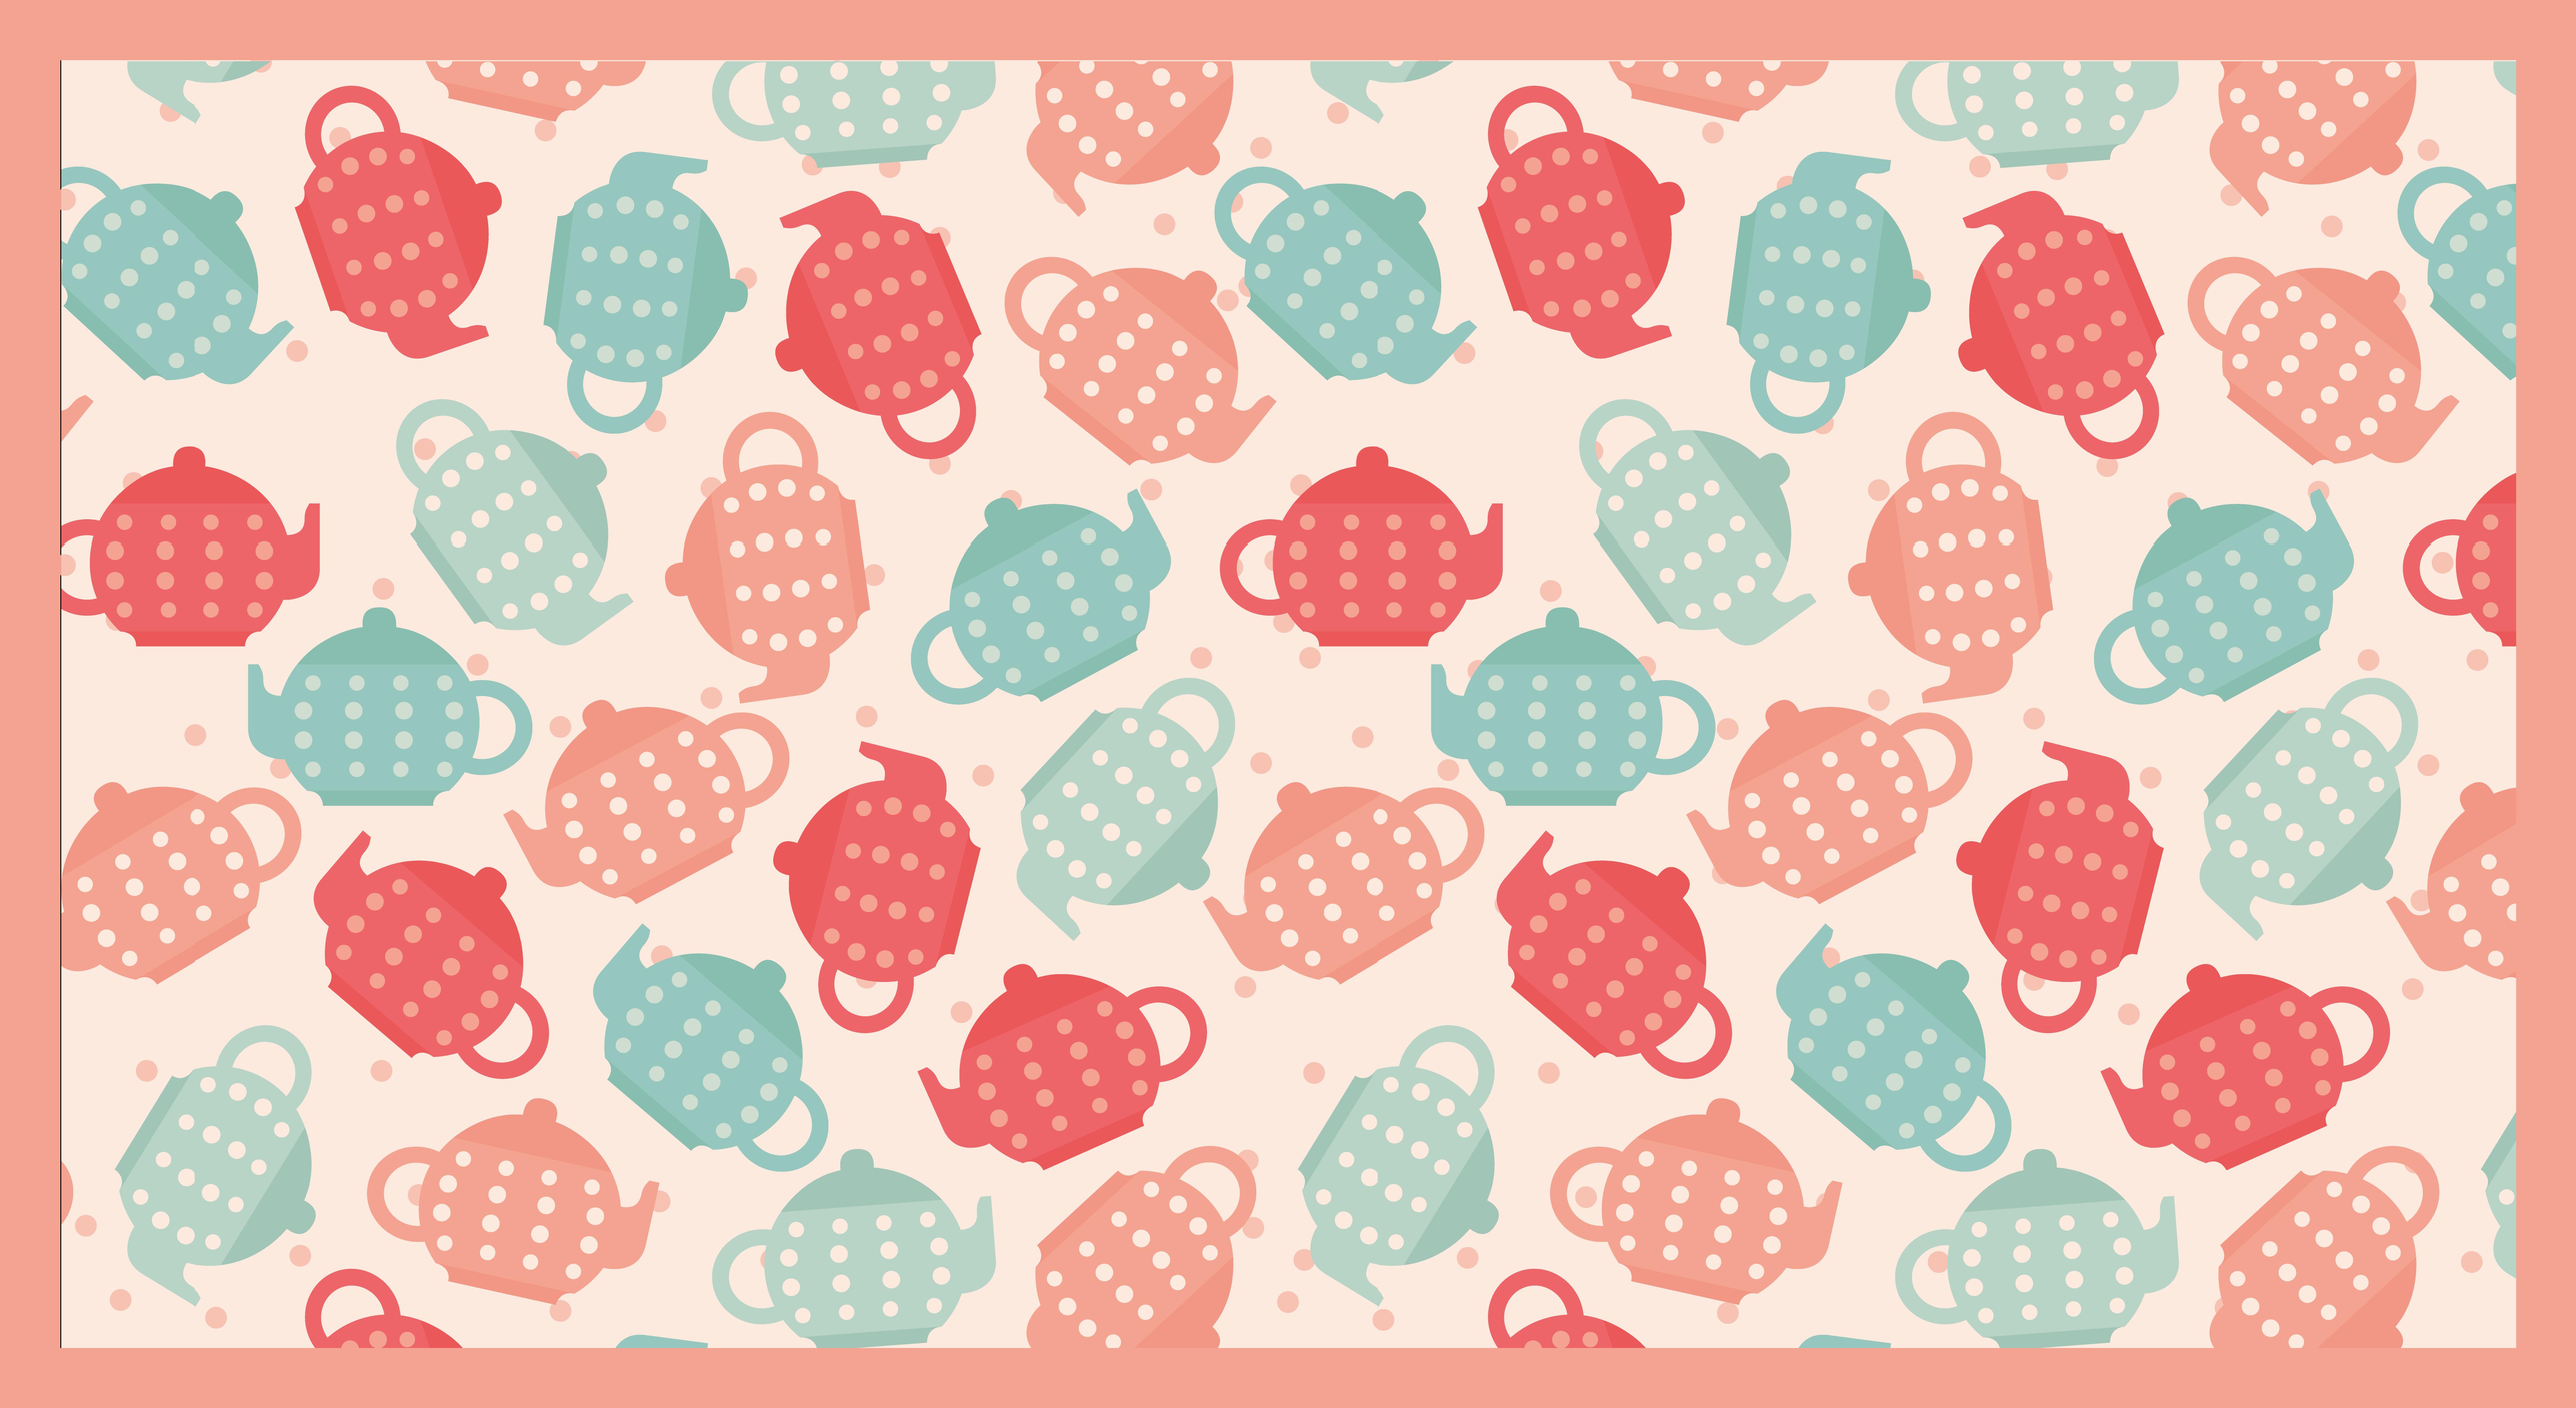 TenVinilo. Alfombra vinilo cocina teteras tonos pastel. Decora tu lugar con esta original alfombra vinilo cocina con coloridas teteras y diseño de lunares. Producto ideal para decorar ¡Envío exprés!